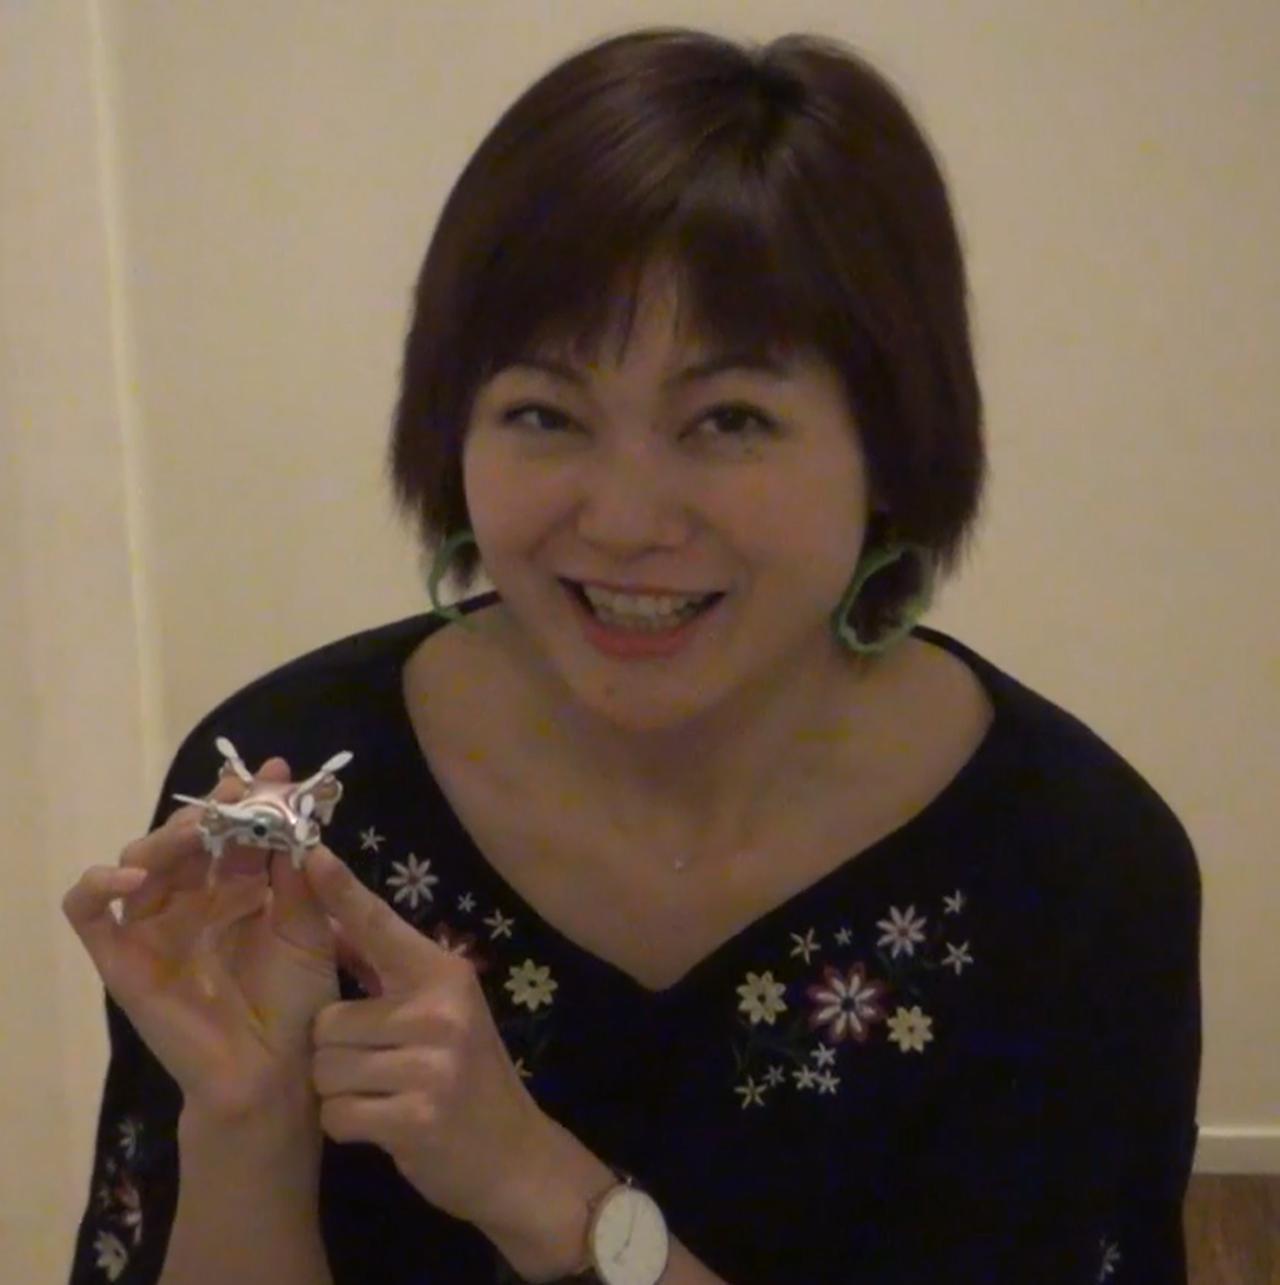 画像: 撮影・解説は水咲奈々さん。フリーの写真家として雑誌やイベント、写真教室などで活動。JUIDA認定スクールにて無人航空機操縦士資格を得る。ドローン女(ジョ)1年生として夏は沖縄での空撮を計画中。